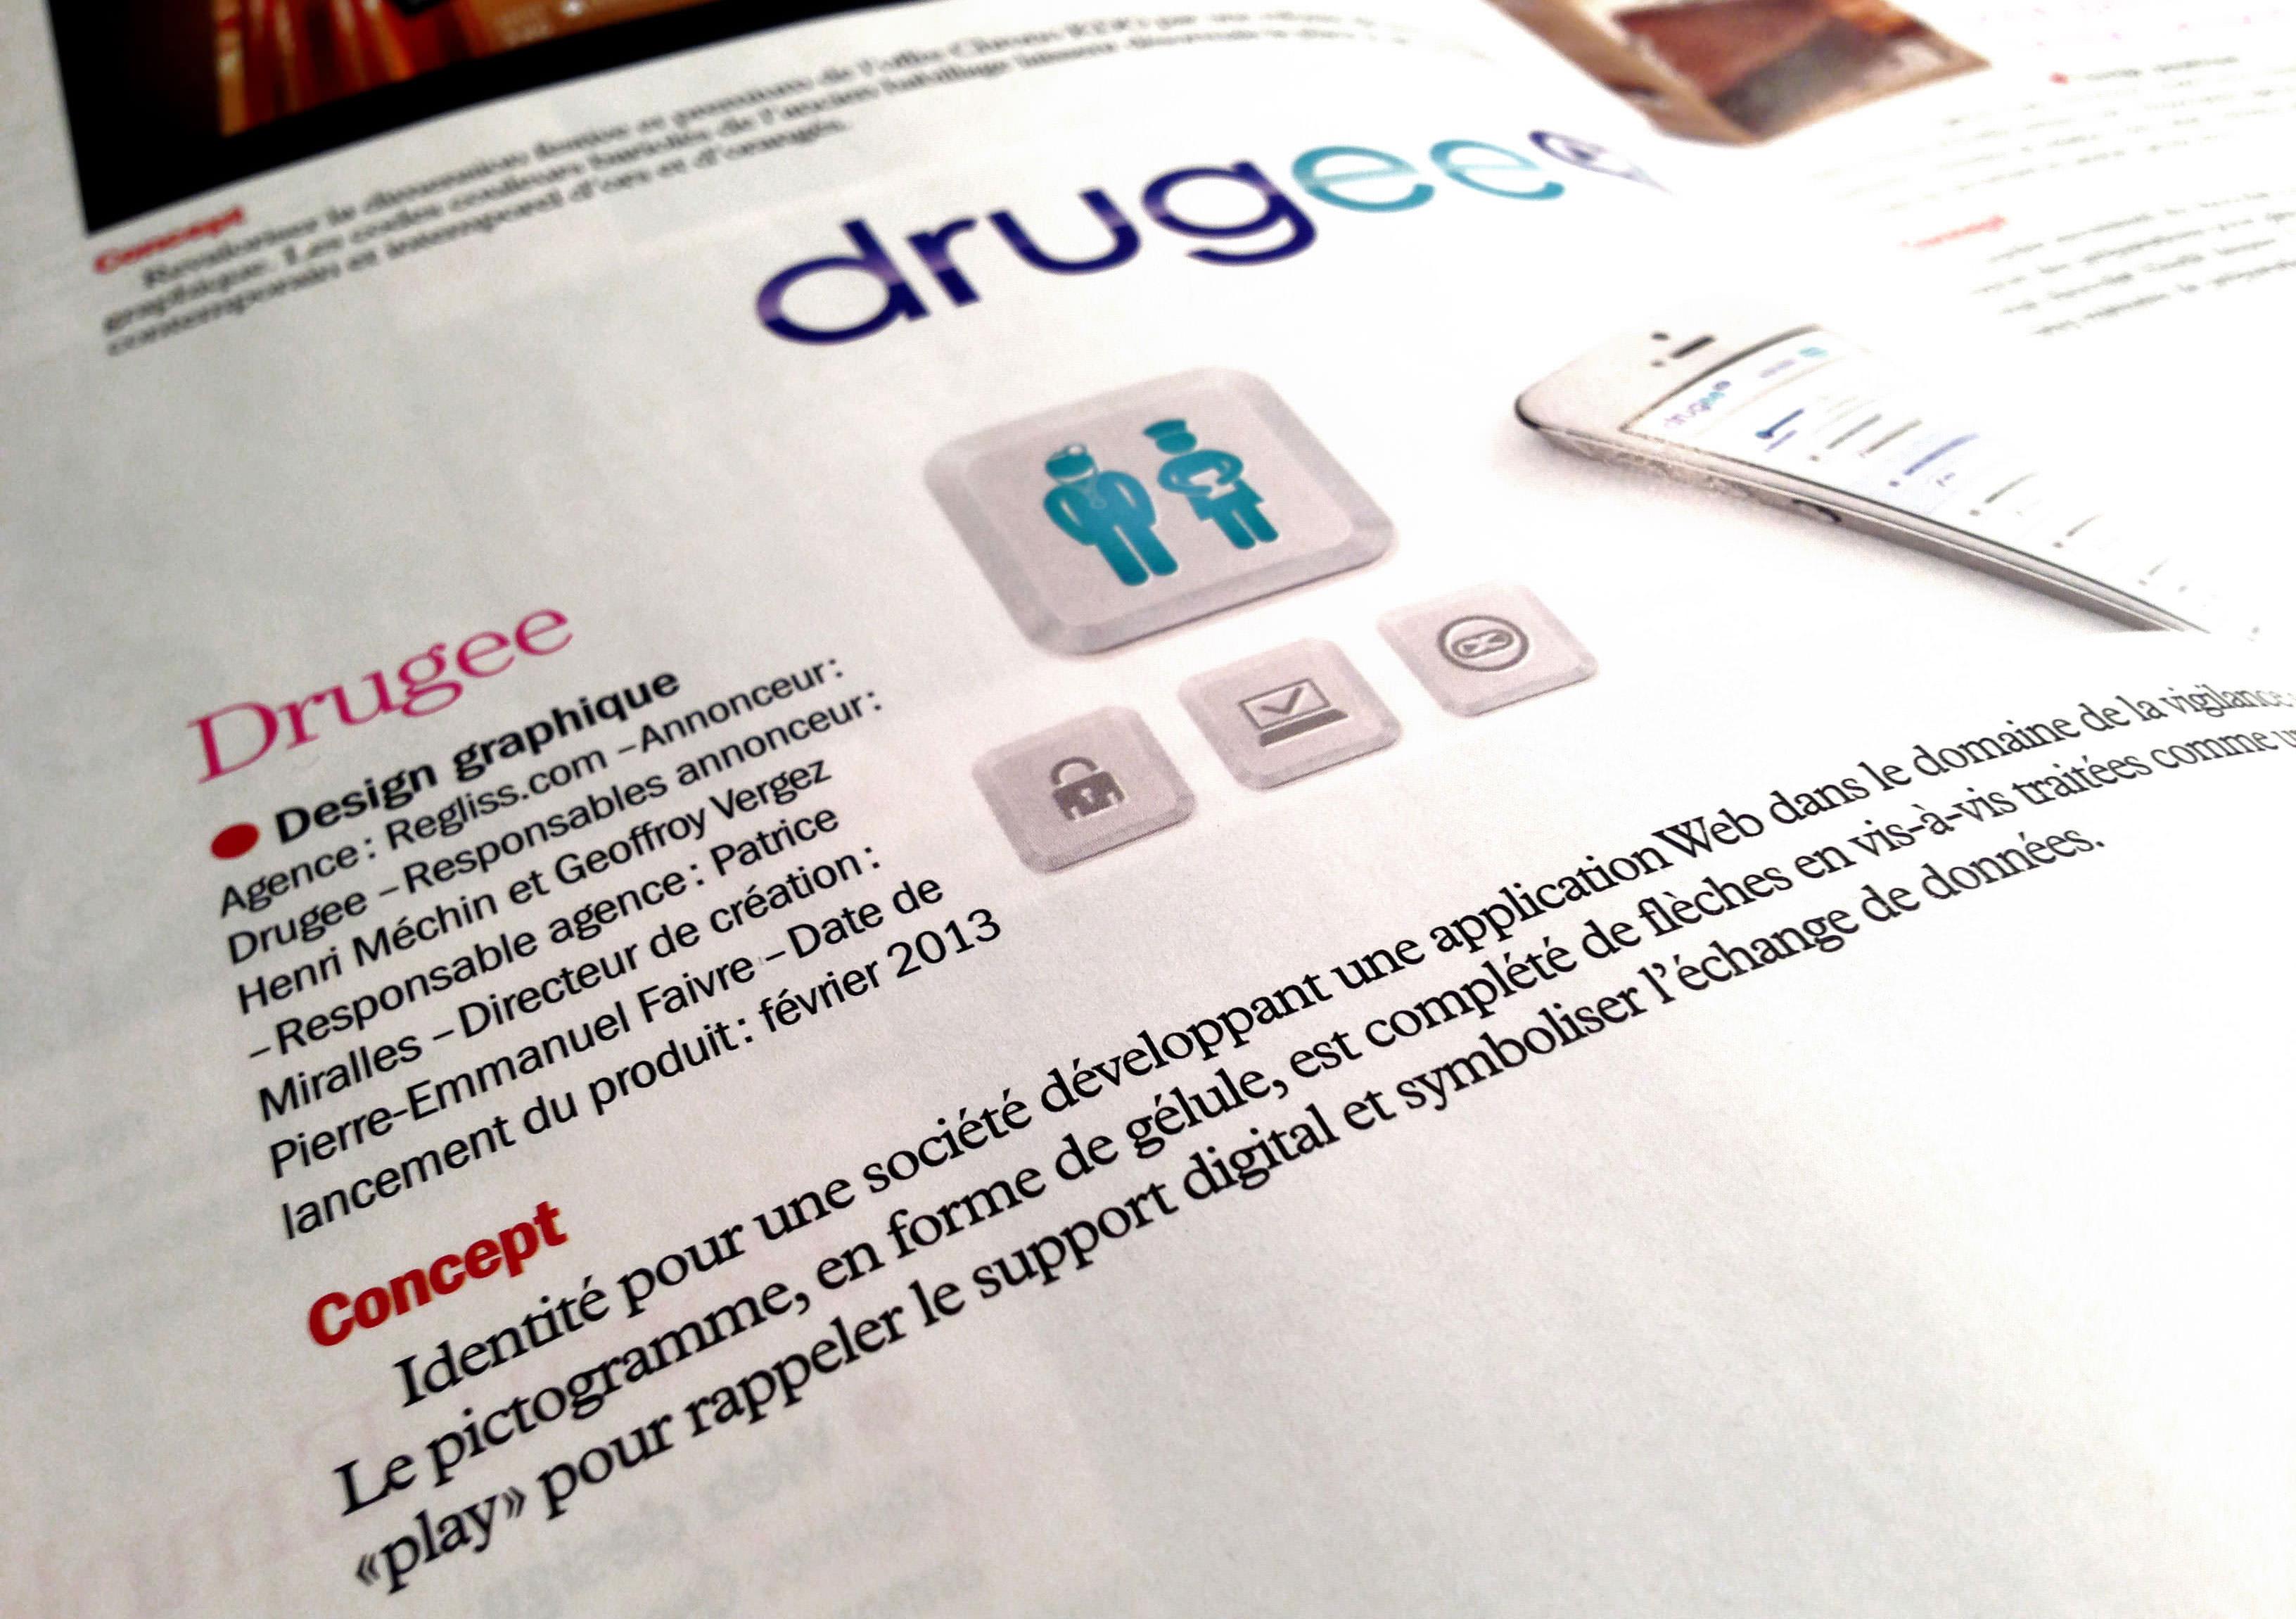 Guide Stratégies du Design 2014, une création Regliss.com pour Drugee